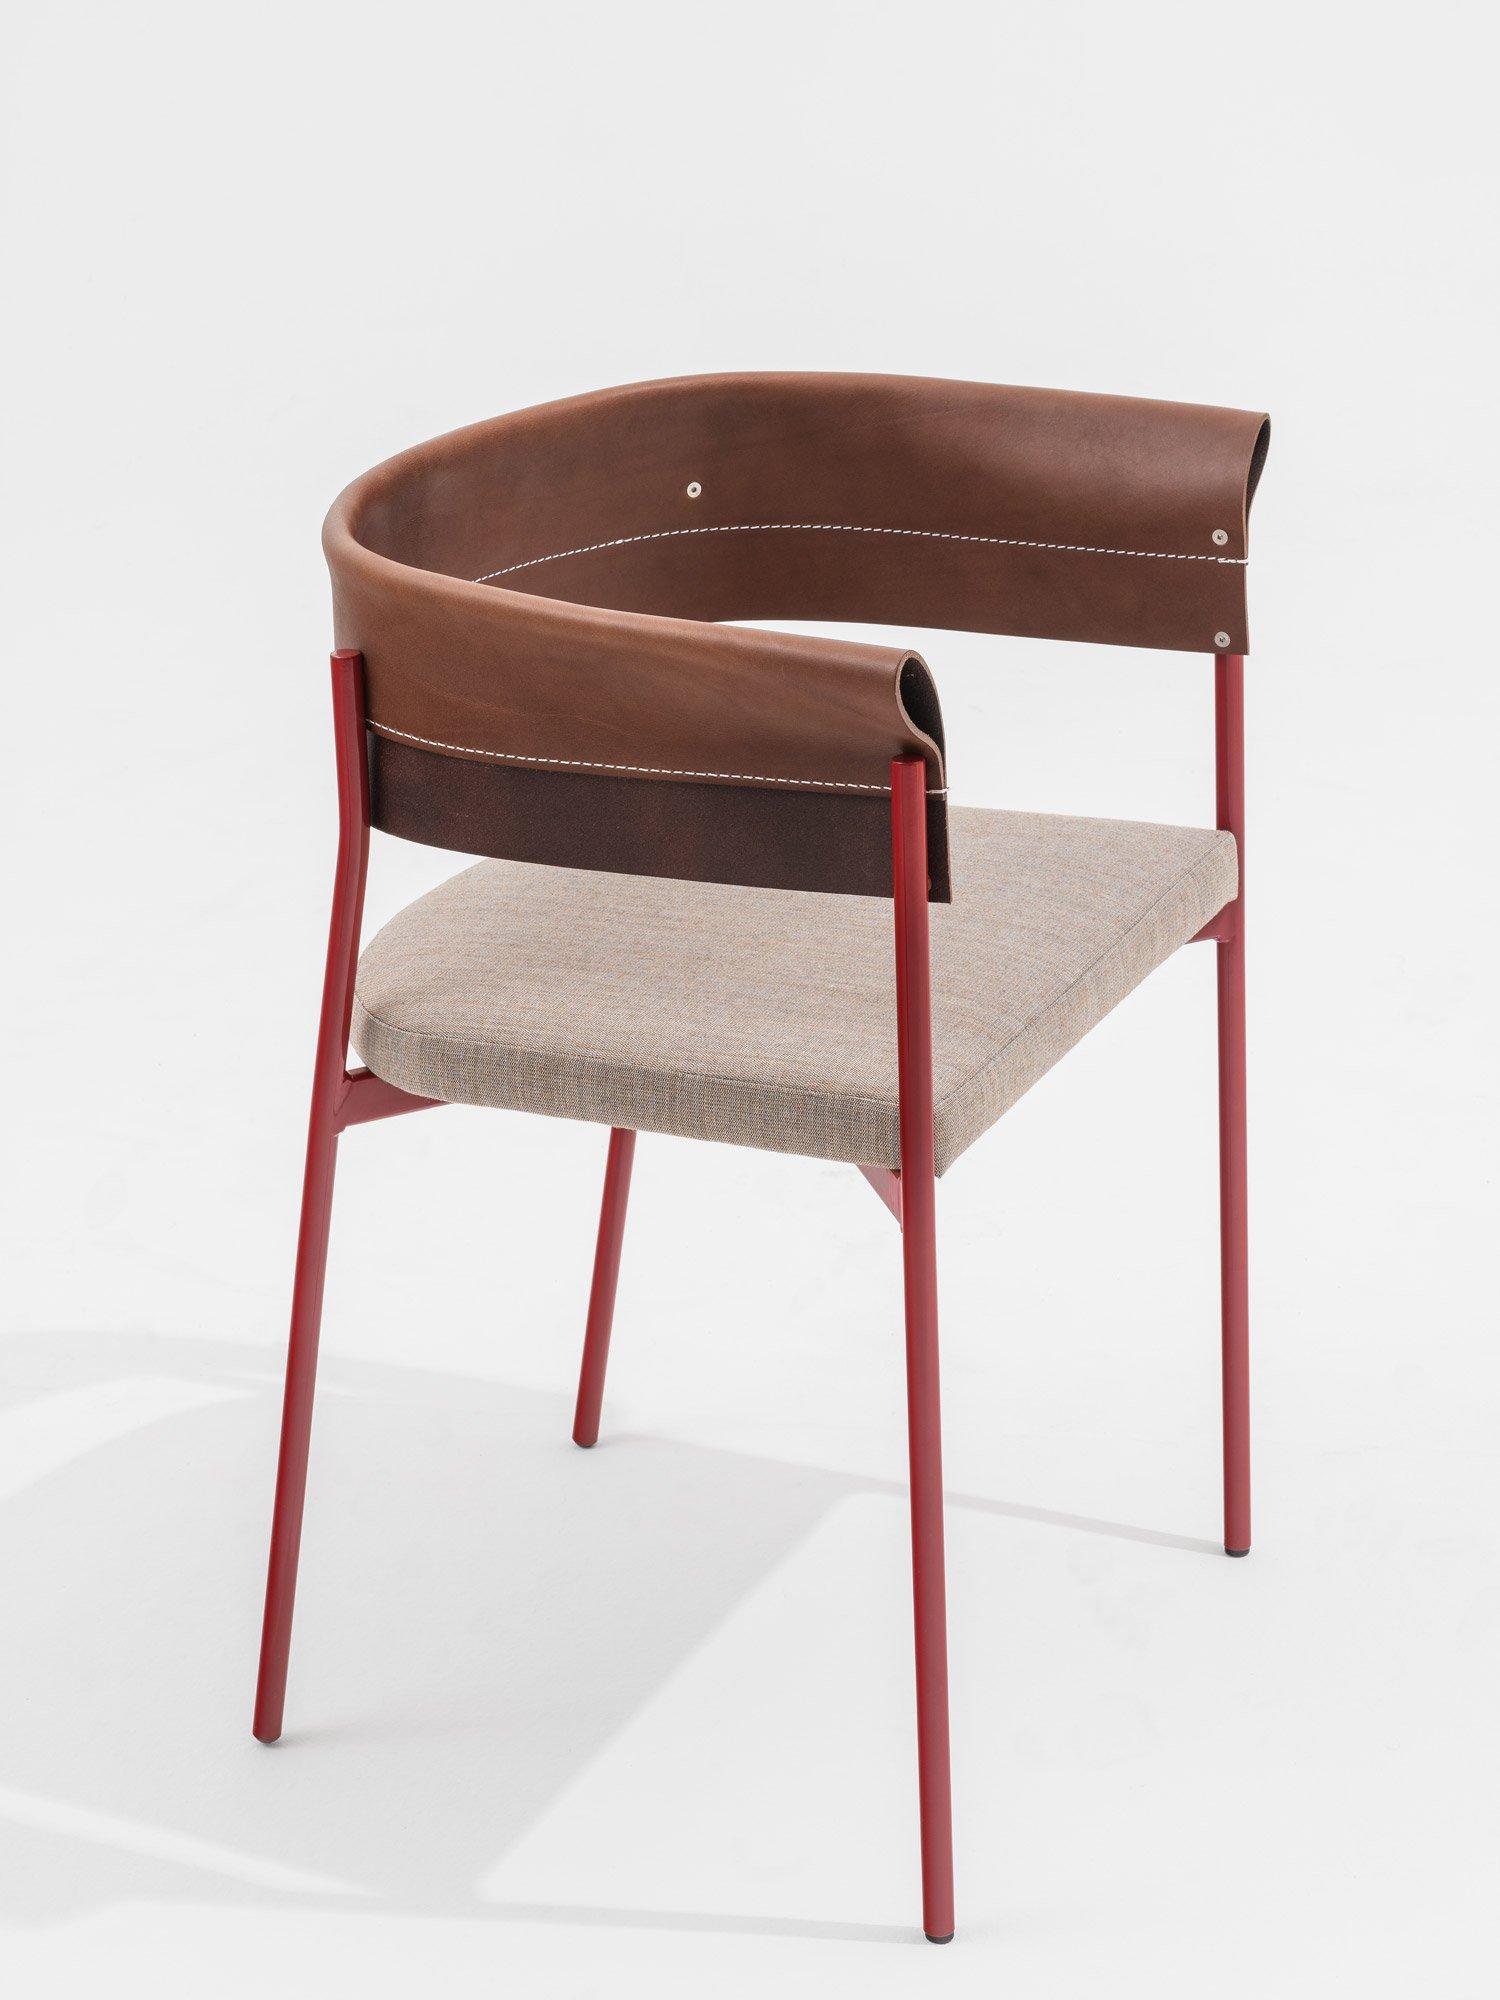 Hochwertig verarbeiteter Stuhl des Designkollektivs Vormen für SEM